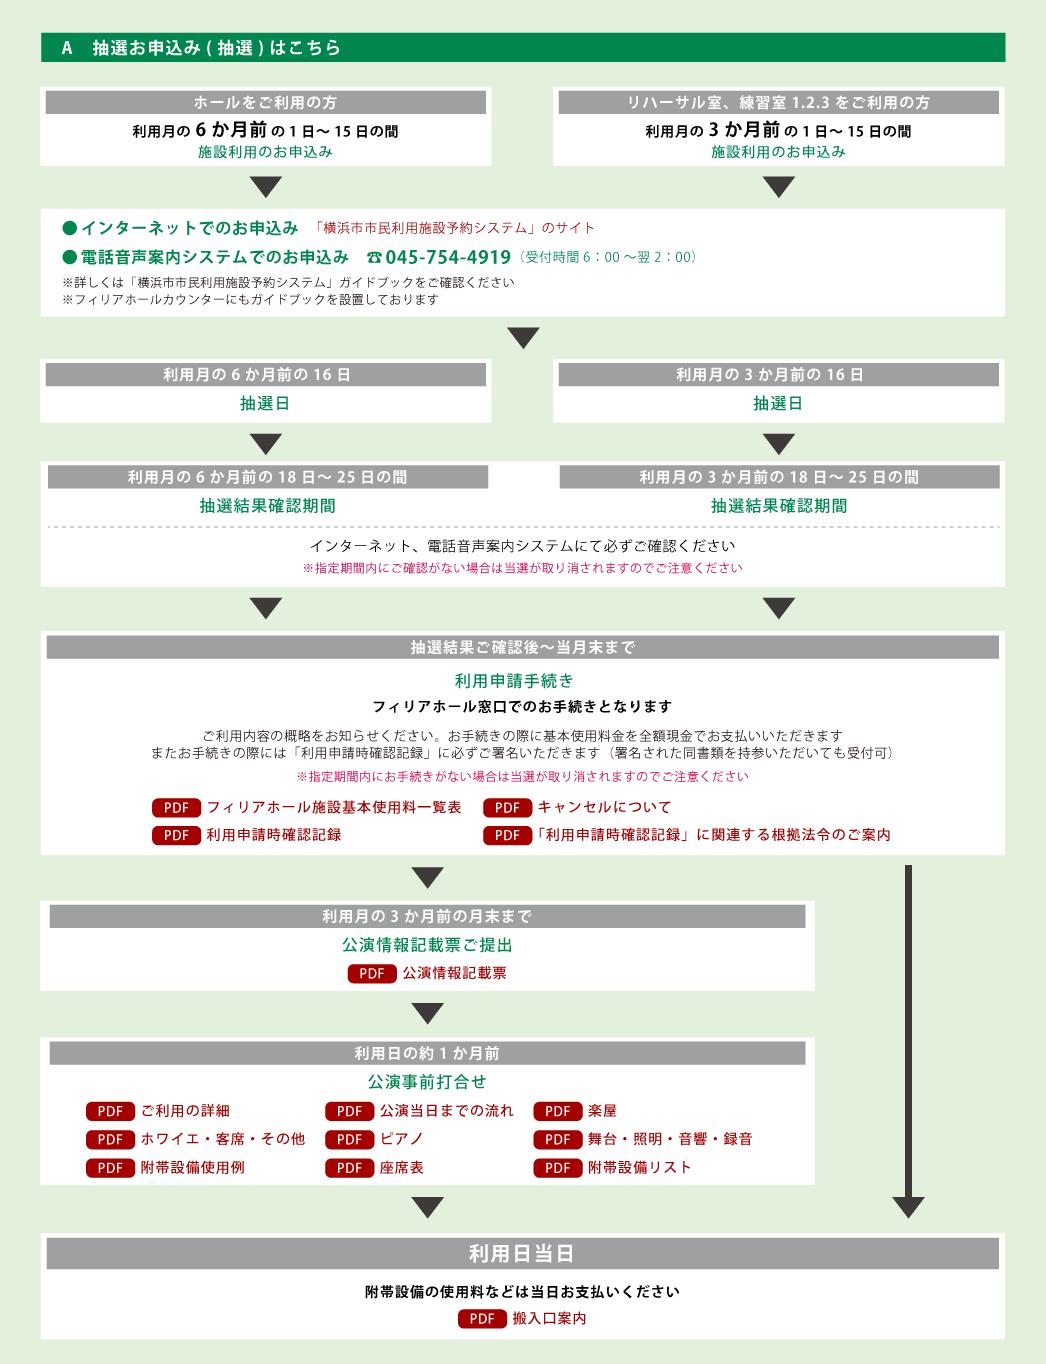 予約 施設 横浜 市